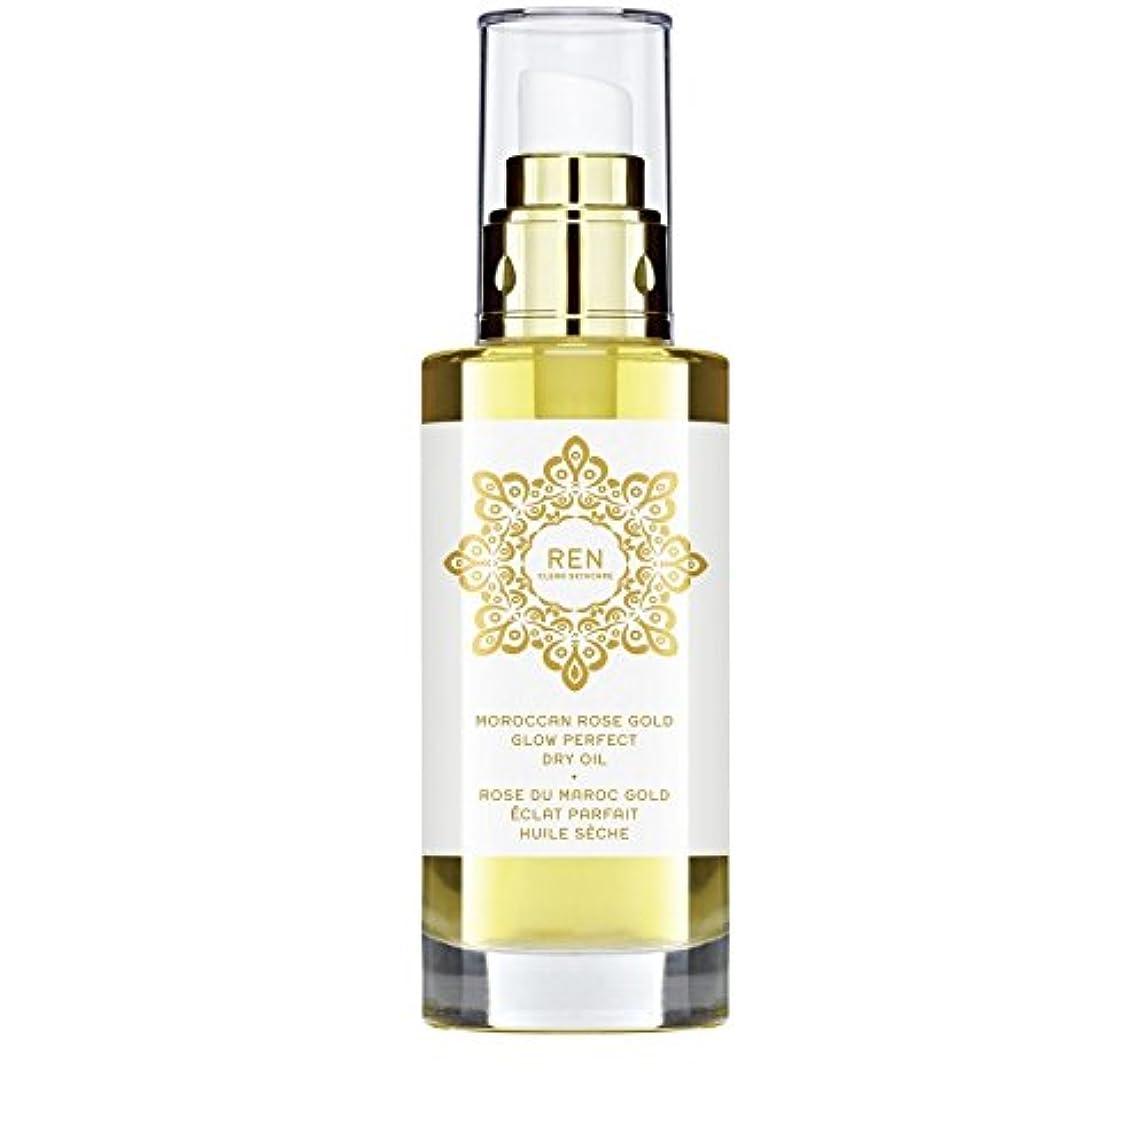 良いバスト空白モロッコは金が完璧なドライオイル100ミリリットルグローバラ x4 - REN Moroccan Rose Gold Glow Perfect Dry Oil 100ml (Pack of 4) [並行輸入品]